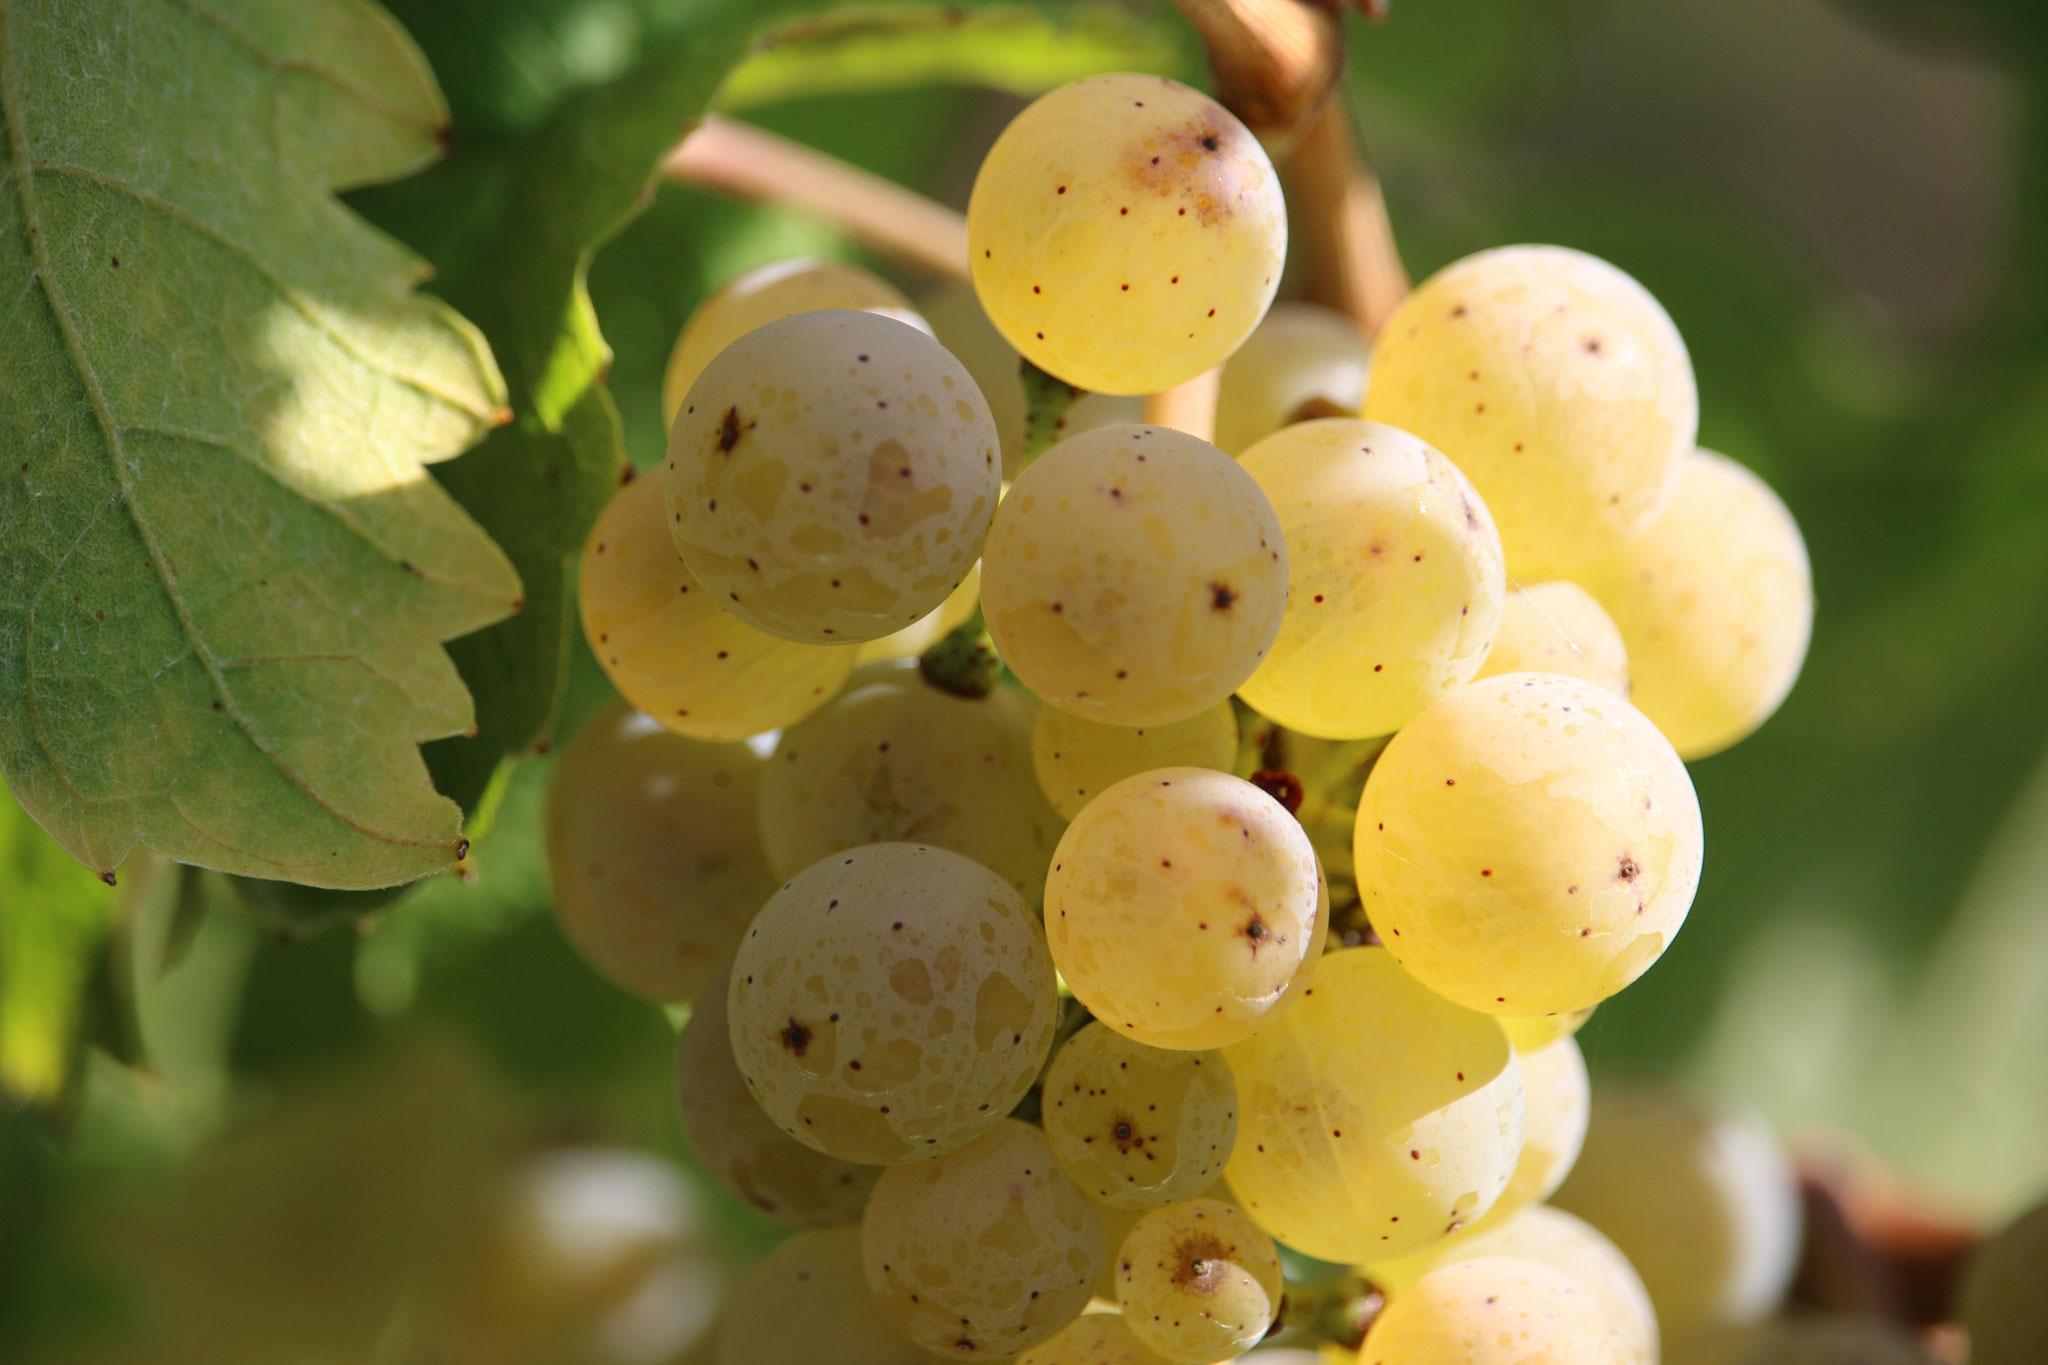 Die Beeren schimmern gold-gelb